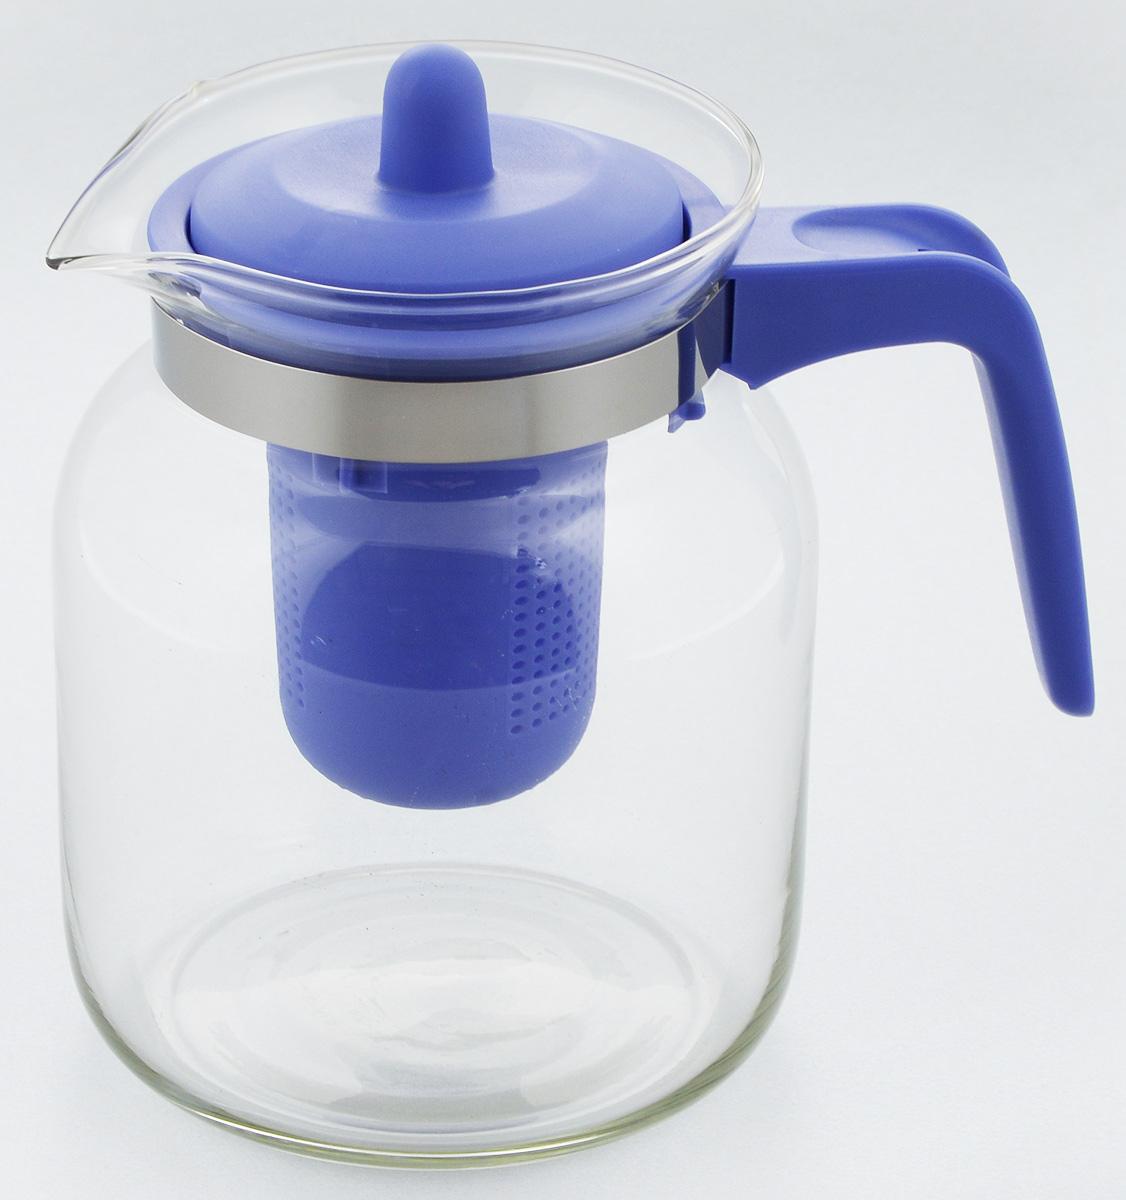 Чайник-кувшин Menu Чабрец, с фильтром, цвет: прозрачный, синий, 1,45 лCHZ-14_синийЧайник-кувшин Menu Чабрец изготовлен из прочного стекла, которое выдерживает температуру до 100°C. Он прекрасно подойдет для заваривания чая и травяных настоев.Классический стиль и оптимальный объем делают чайник удобным и оригинальным аксессуаром, который прекрасно подойдет для ежедневного использования. Ручка изделия выполнена из пищевого пластика, она не нагревается и обеспечивает безопасность использования. Благодаря съемному ситечку и оптимальной форме колбы, чайник-кувшин Menu Чабрец идеально подходит для использования его в качестве кувшина для воды и прохладительных напитков.Диаметр чайника по верхнему краю: 10,3 см.Общий диаметр чайника: 11 см.Высота чайника (без учета ручки и крышки): 15,6 см.Высота чайника (с учетом ручки и крышки): 17 см.